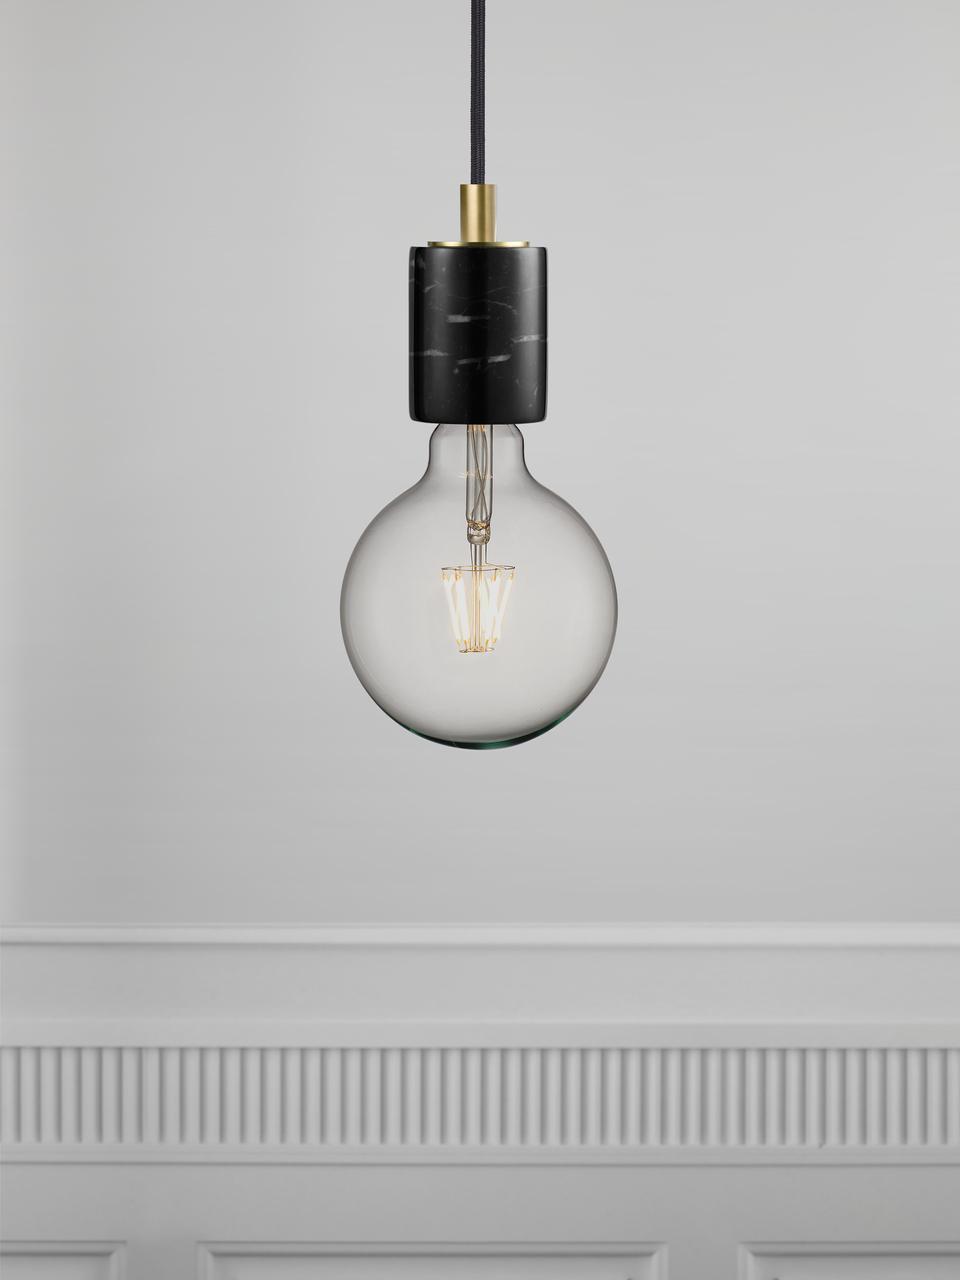 Lampada a sospensione in marmo Siv, Marmo, Nero, Ø 6 x Alt. 10 cm